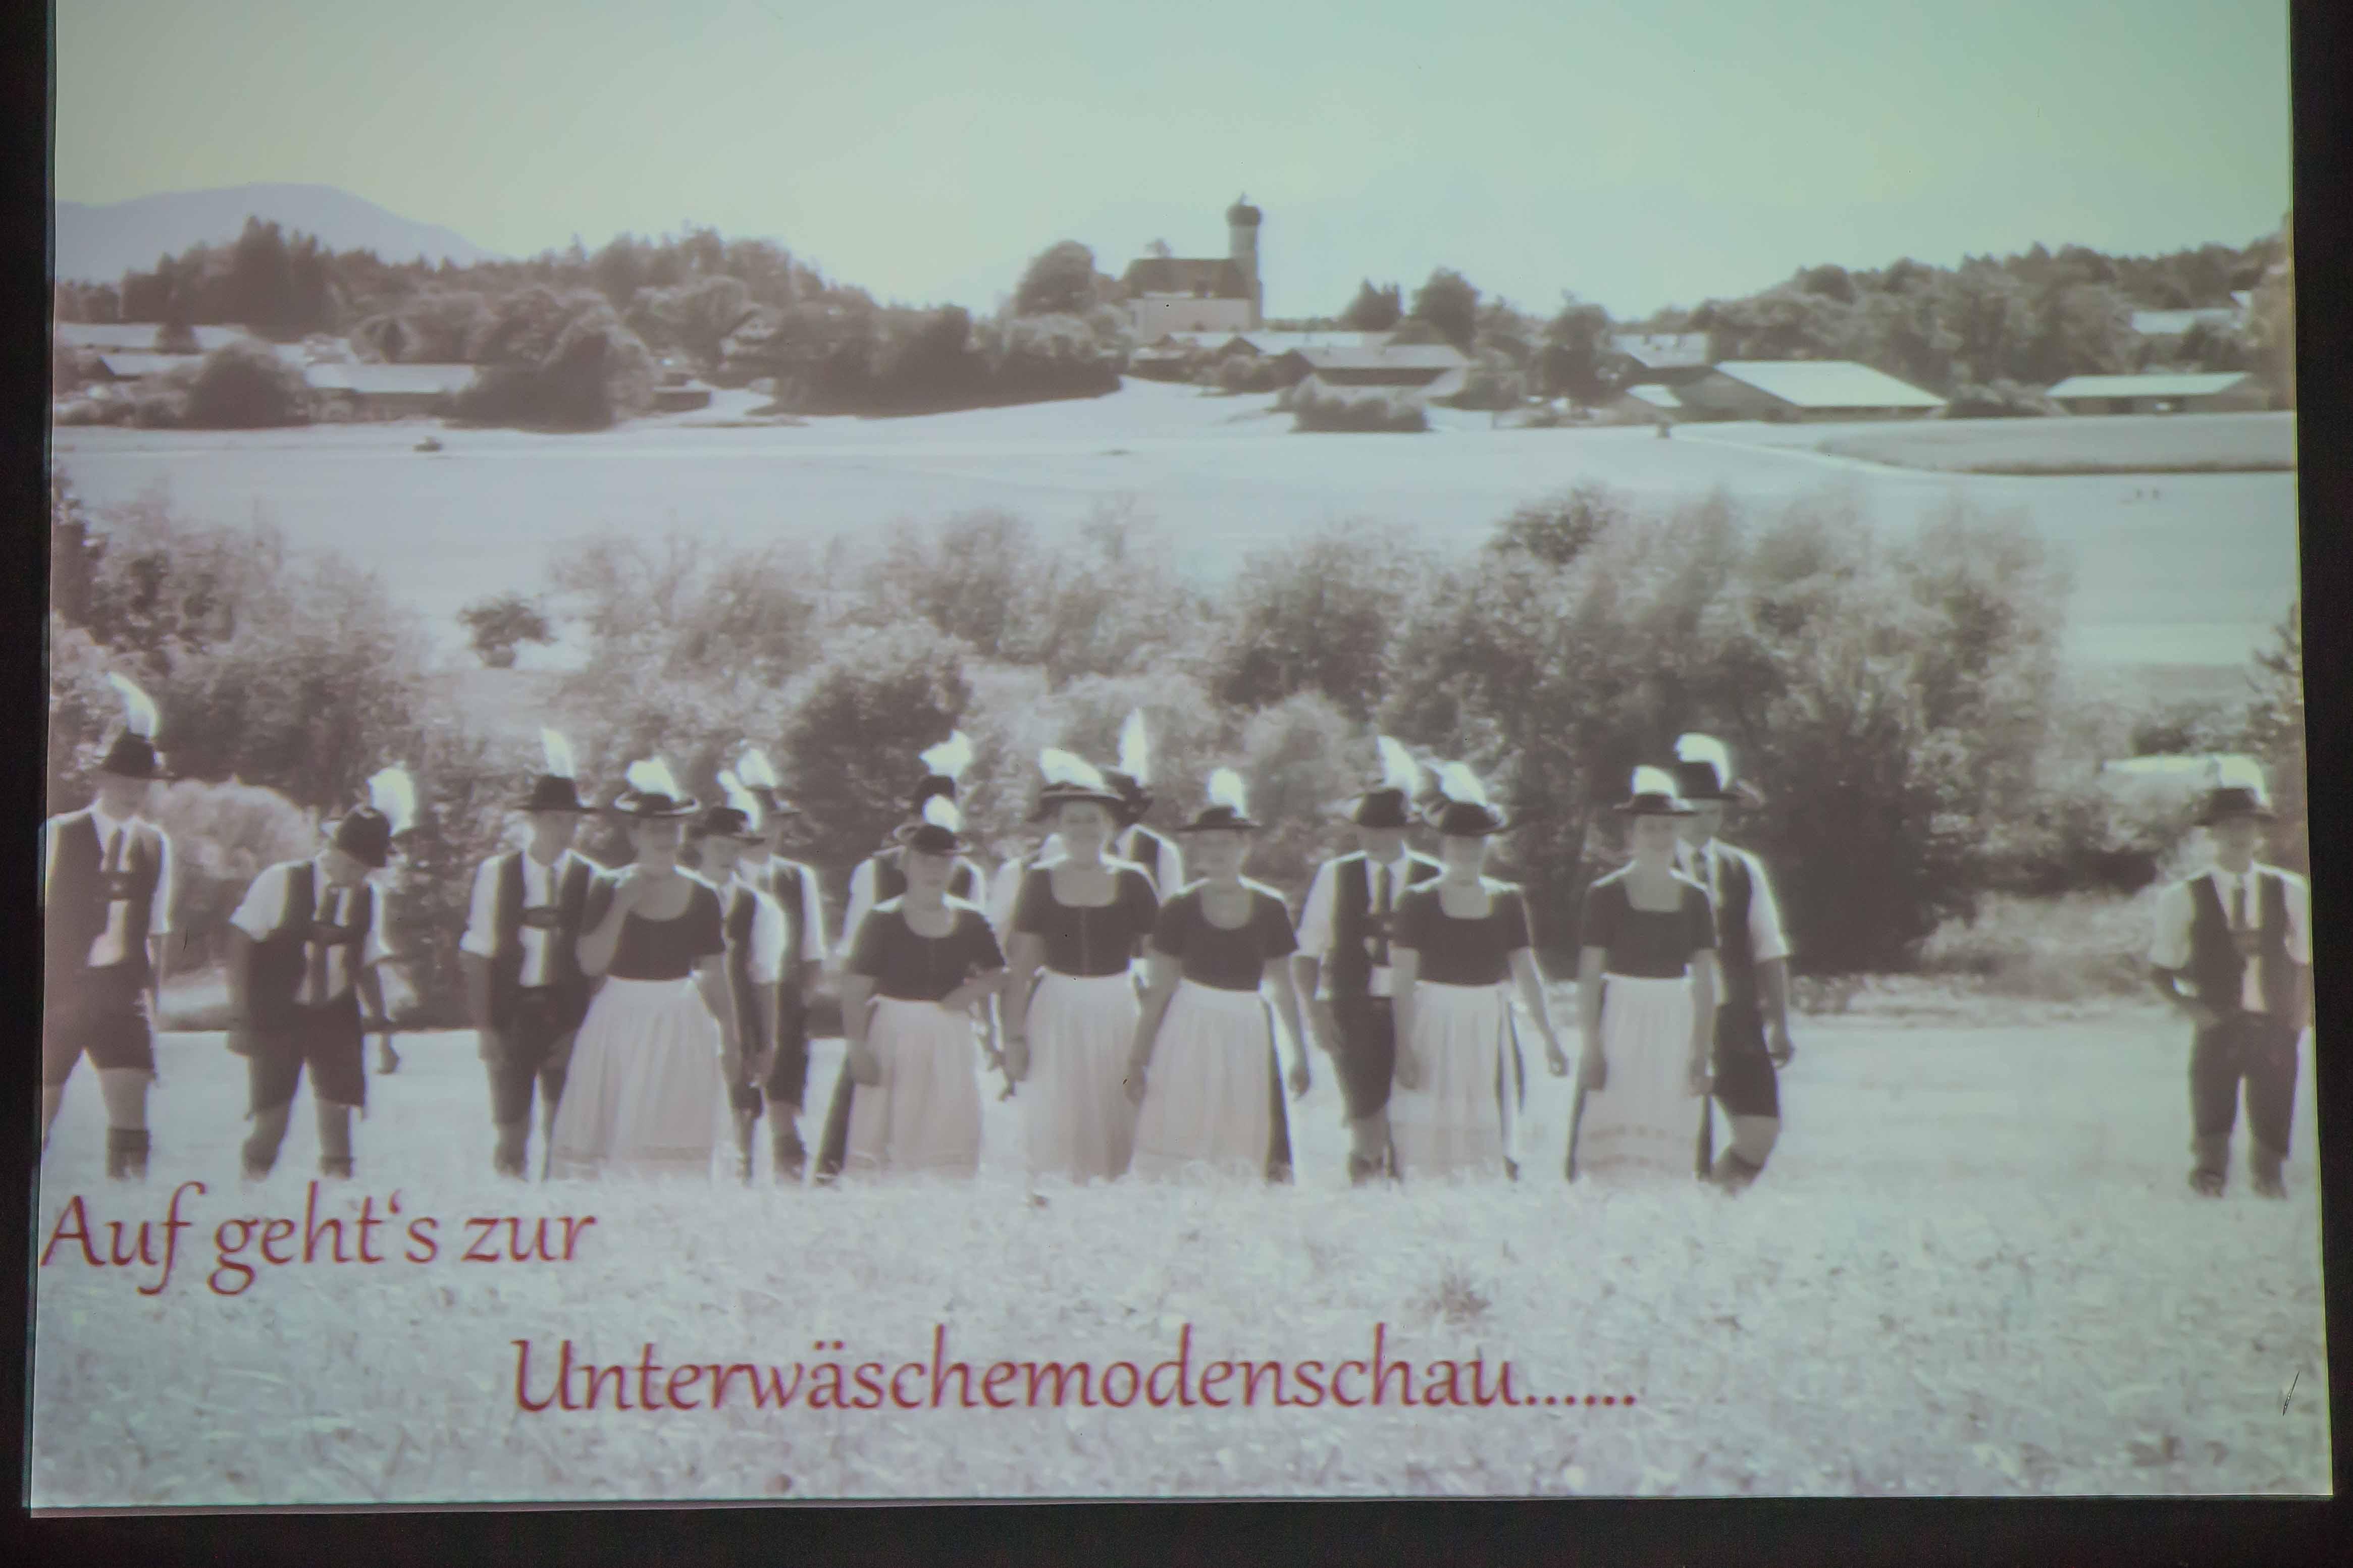 UL2017_0728  02585 GF 03 Modeschau Wein